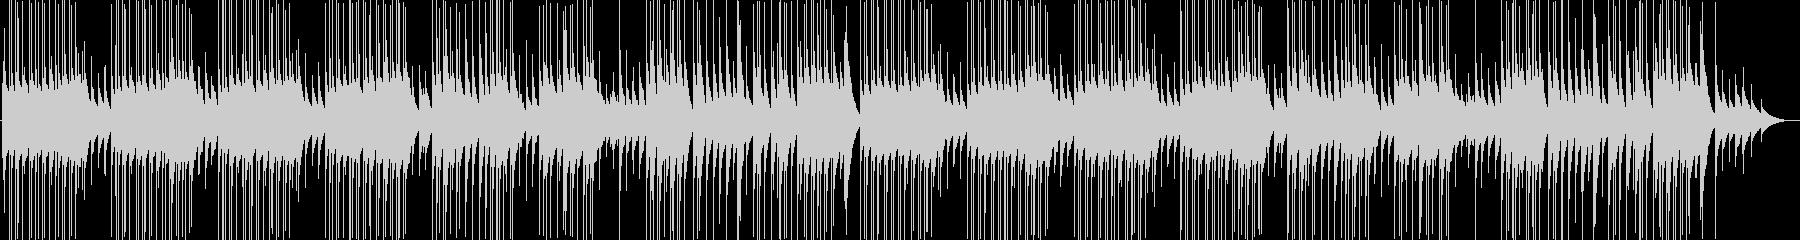 明るくかわいいポップなオルゴール曲の未再生の波形